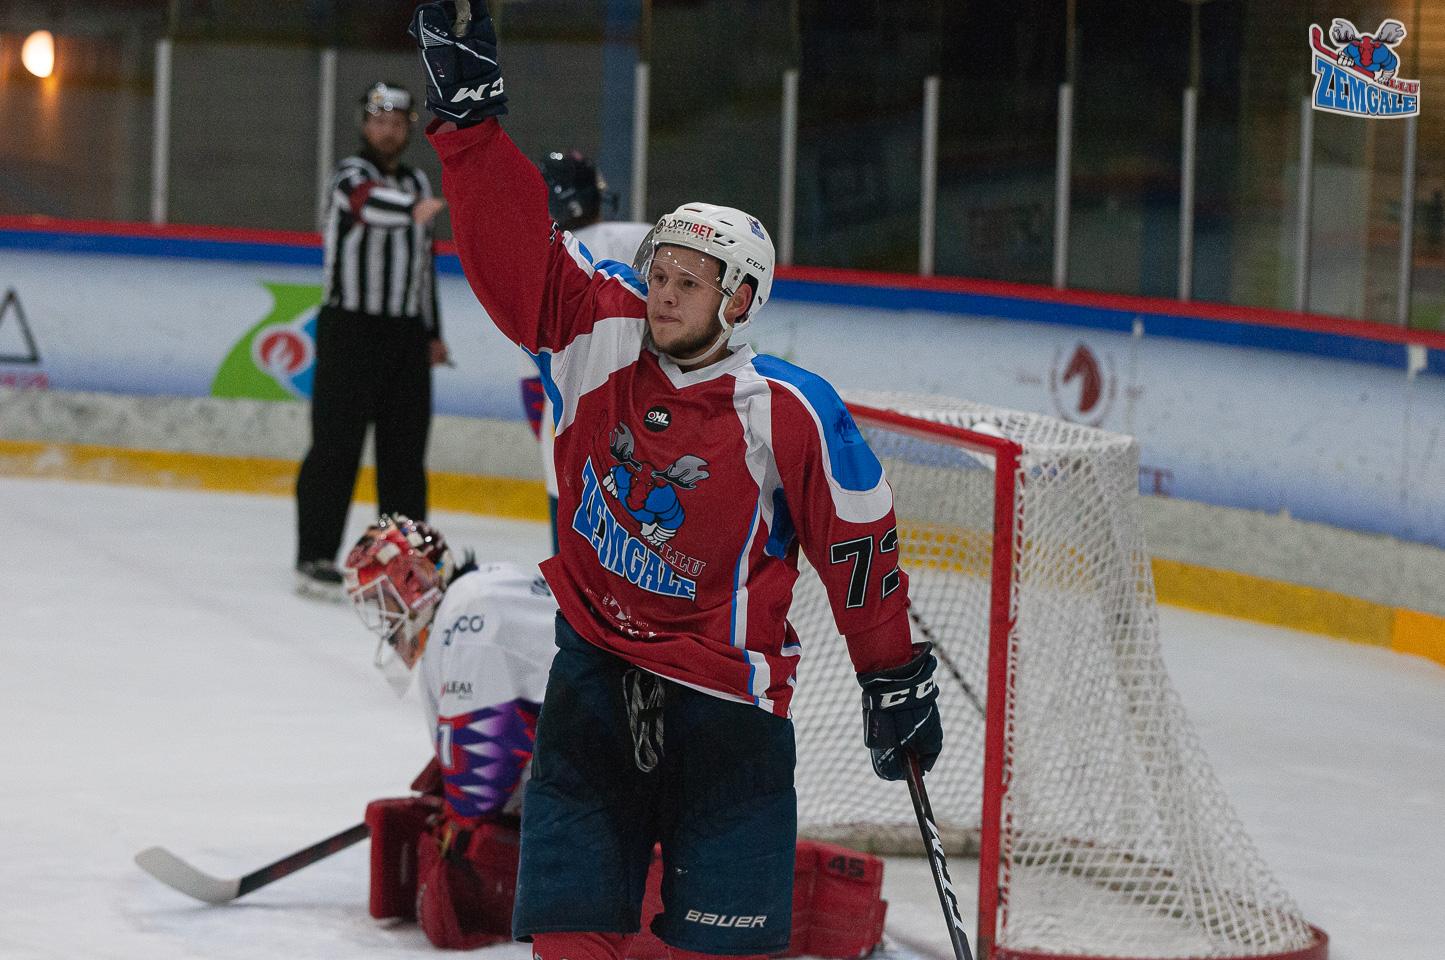 Hokejists stāv ar paceltu roku pēc vārtu guvuma